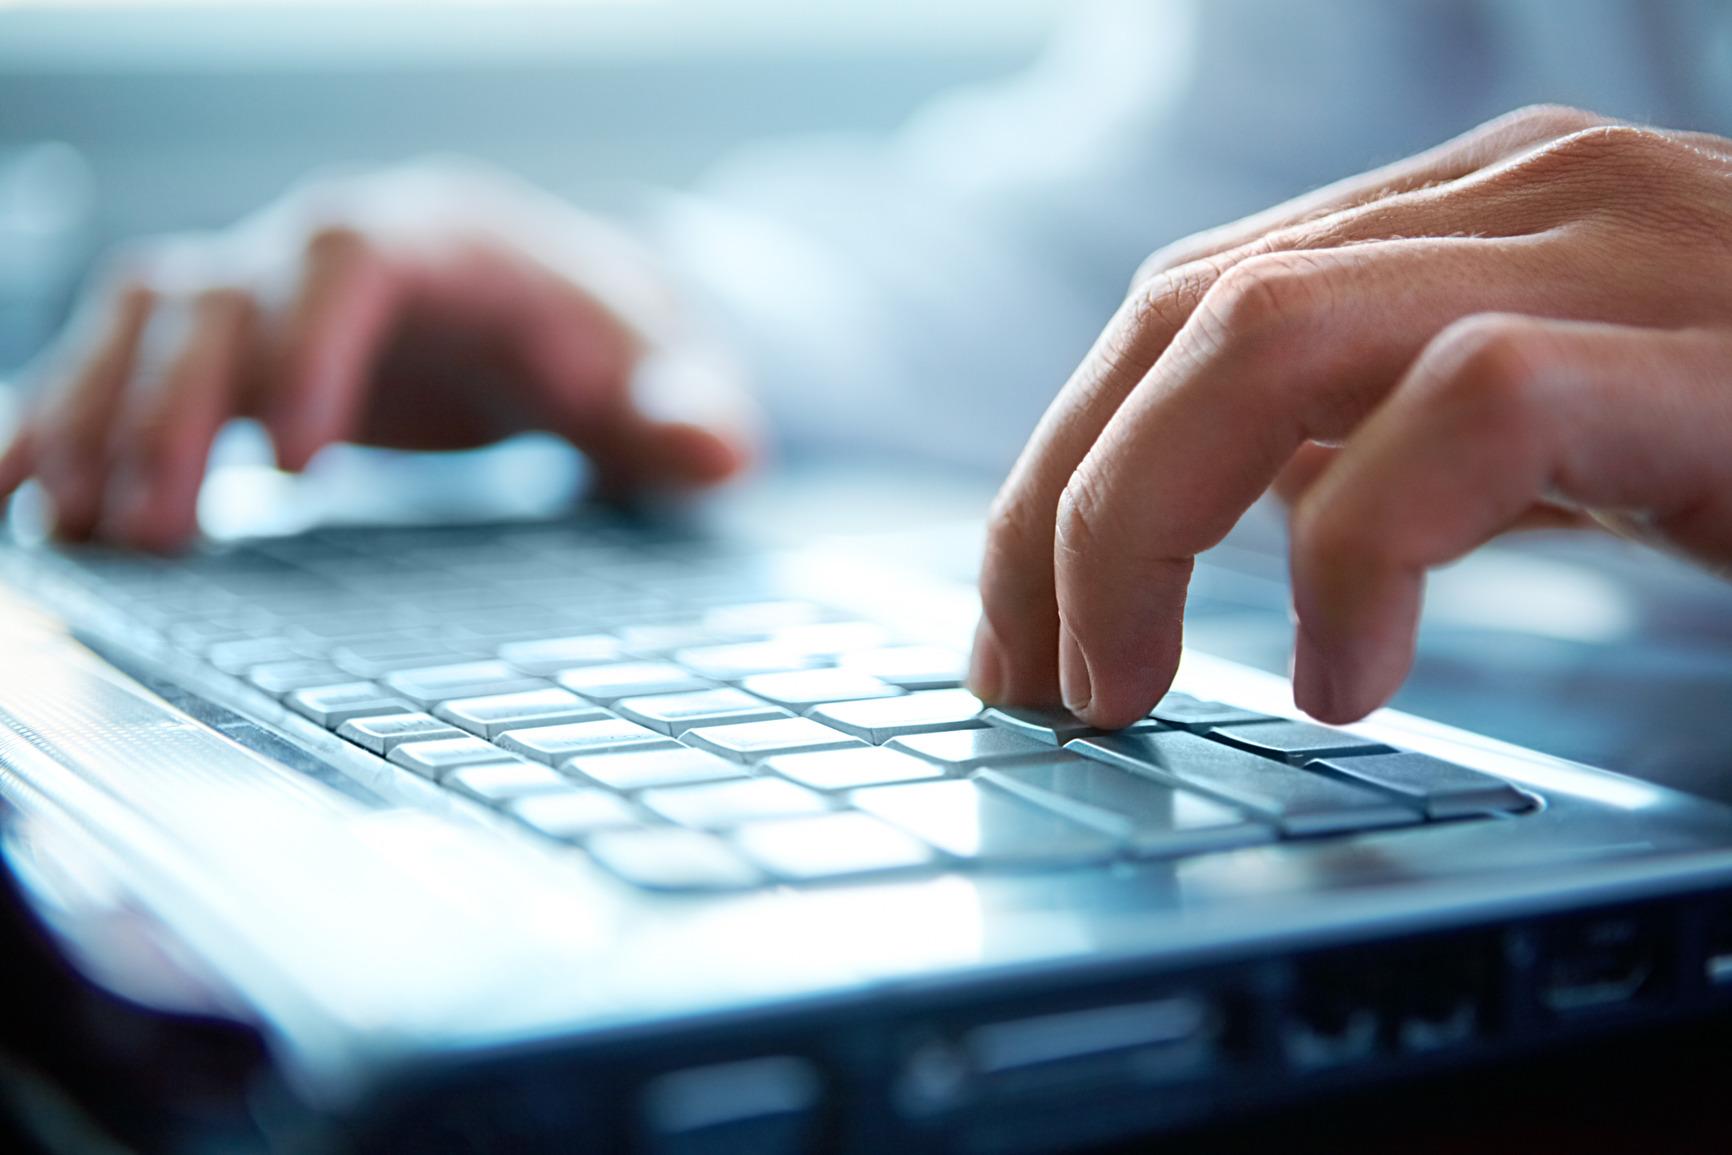 A ekzistojnë me të vërtetë burime të besueshme të shkarkimit të softuerëve ?